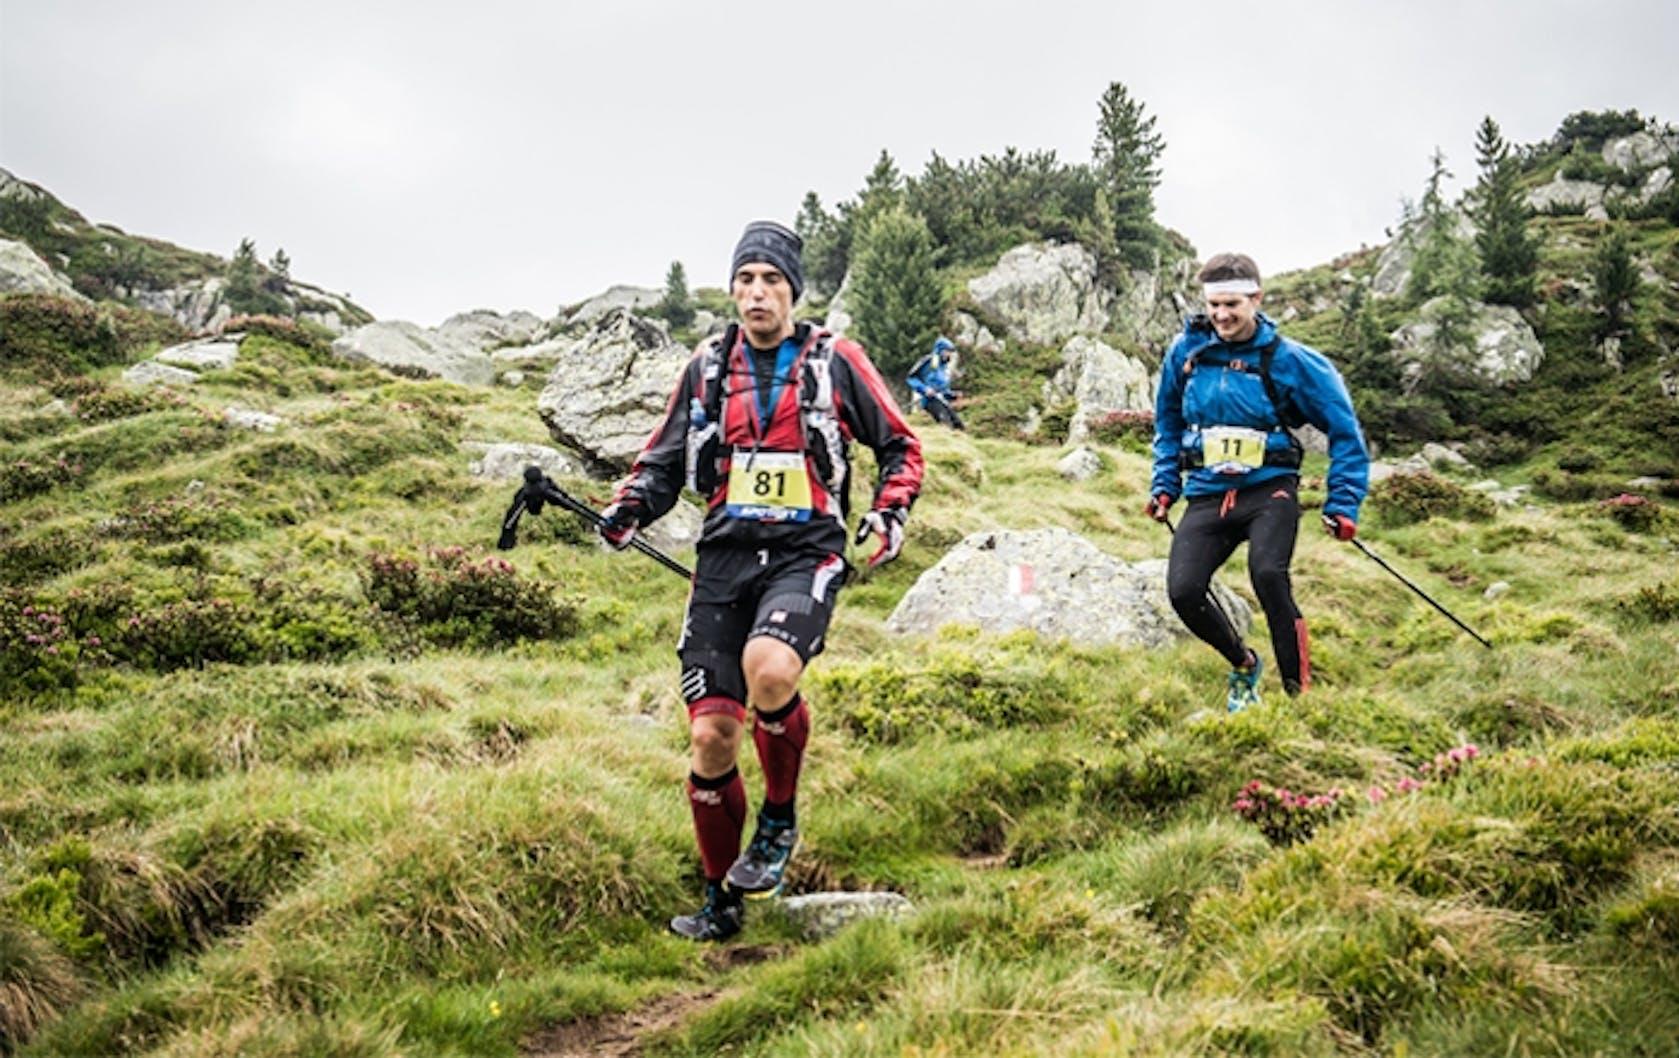 Consigli per trail running e ultra trail